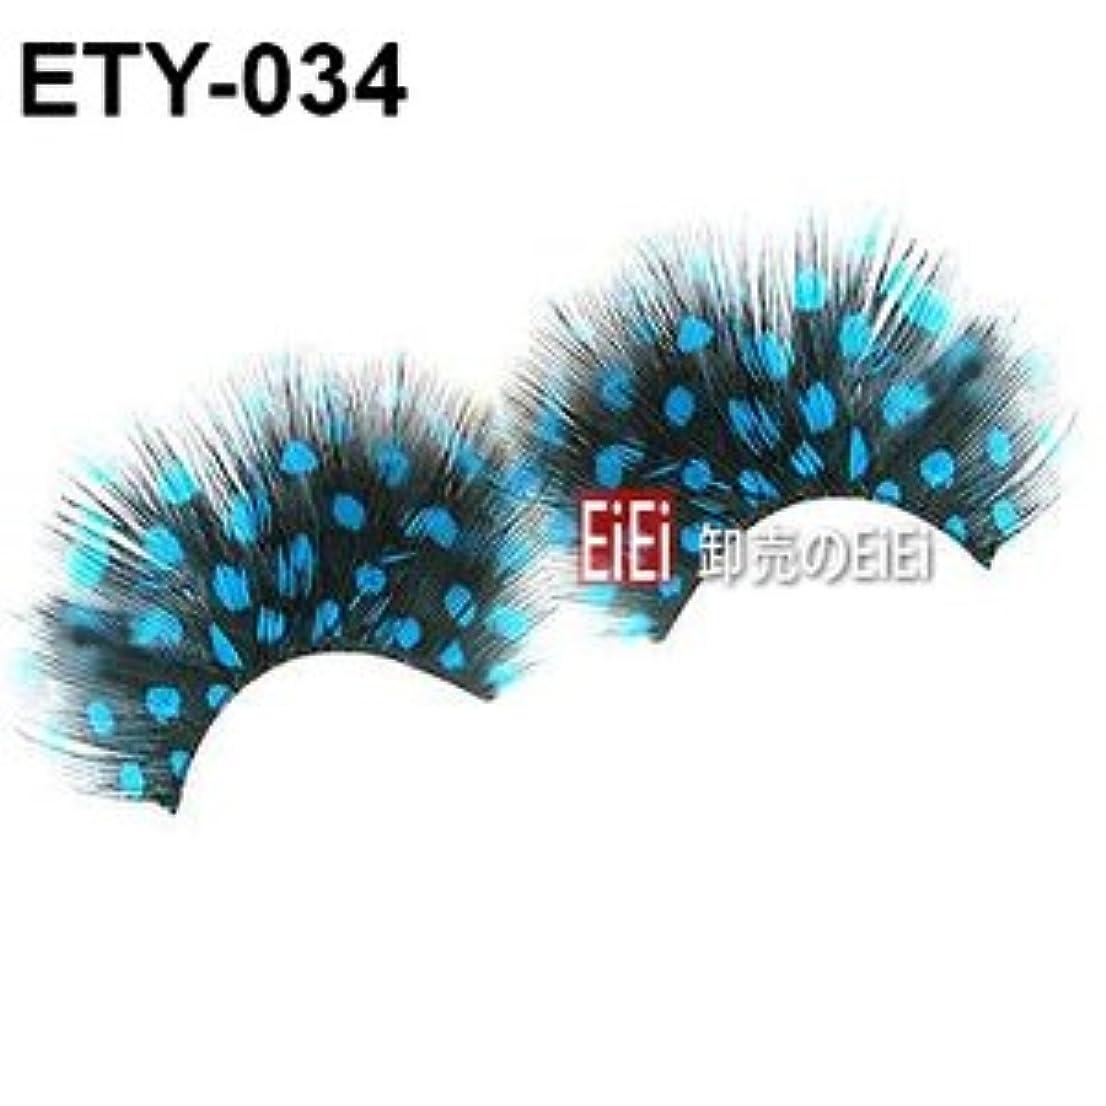 キルト君主針つけまつげ セット 羽 ナチュラル つけま 部分 まつげ 羽まつげ 羽根つけま カラー デザイン フェザー 激安 アイラッシュETY-304